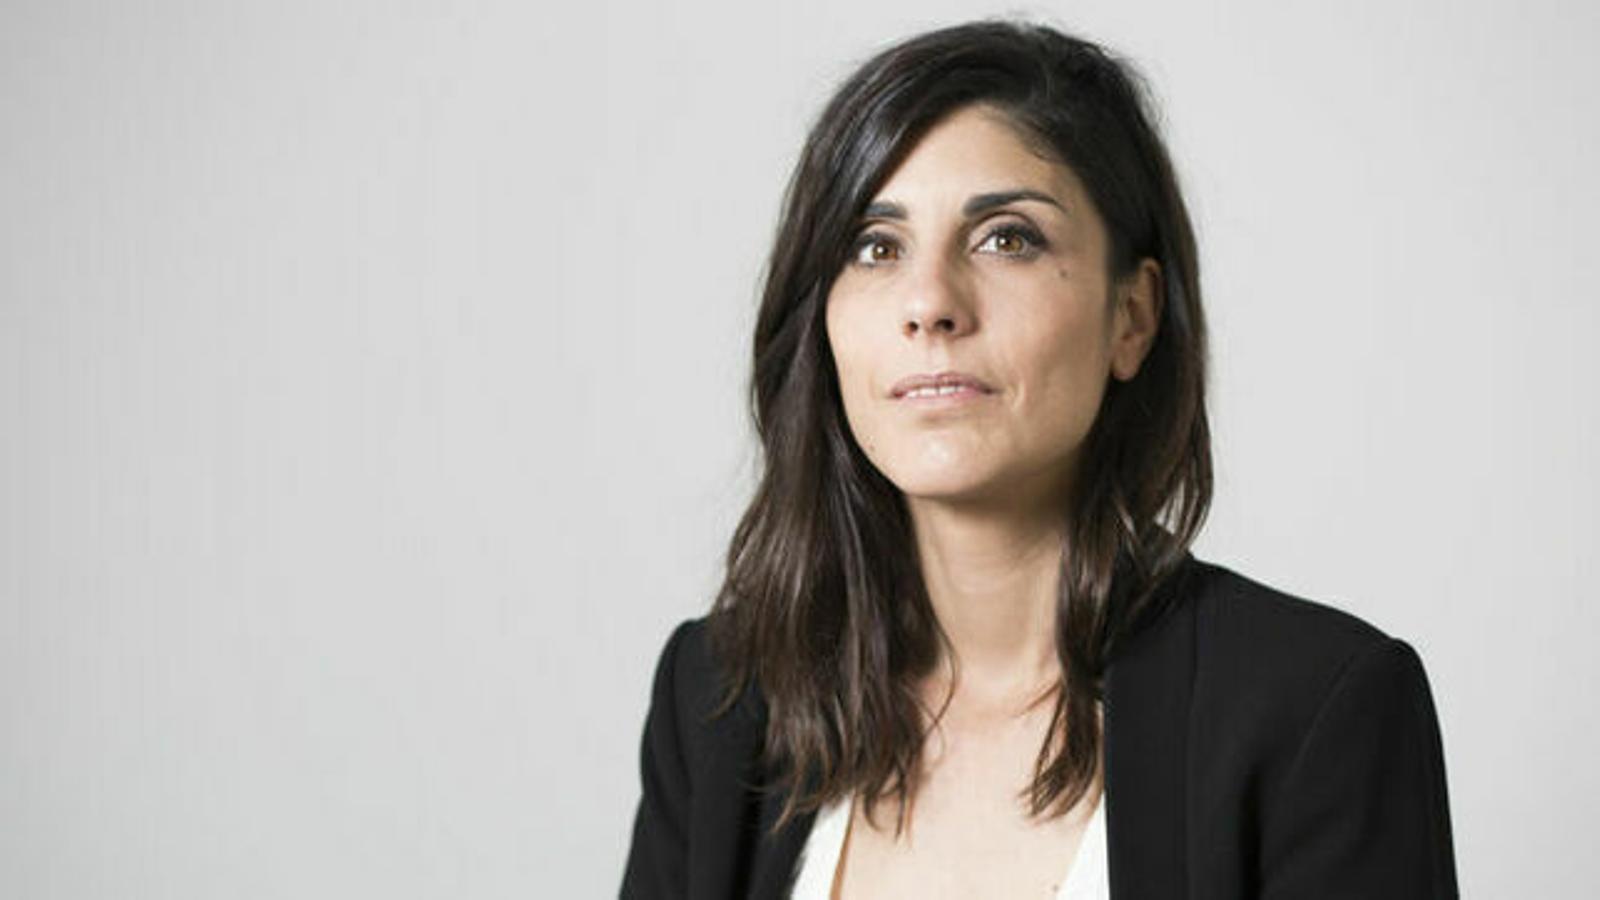 Raquel Pérez Ejerique, actual cap d'investigació del 'Eldiario.es' i futura cap d'informatius d'À Punt